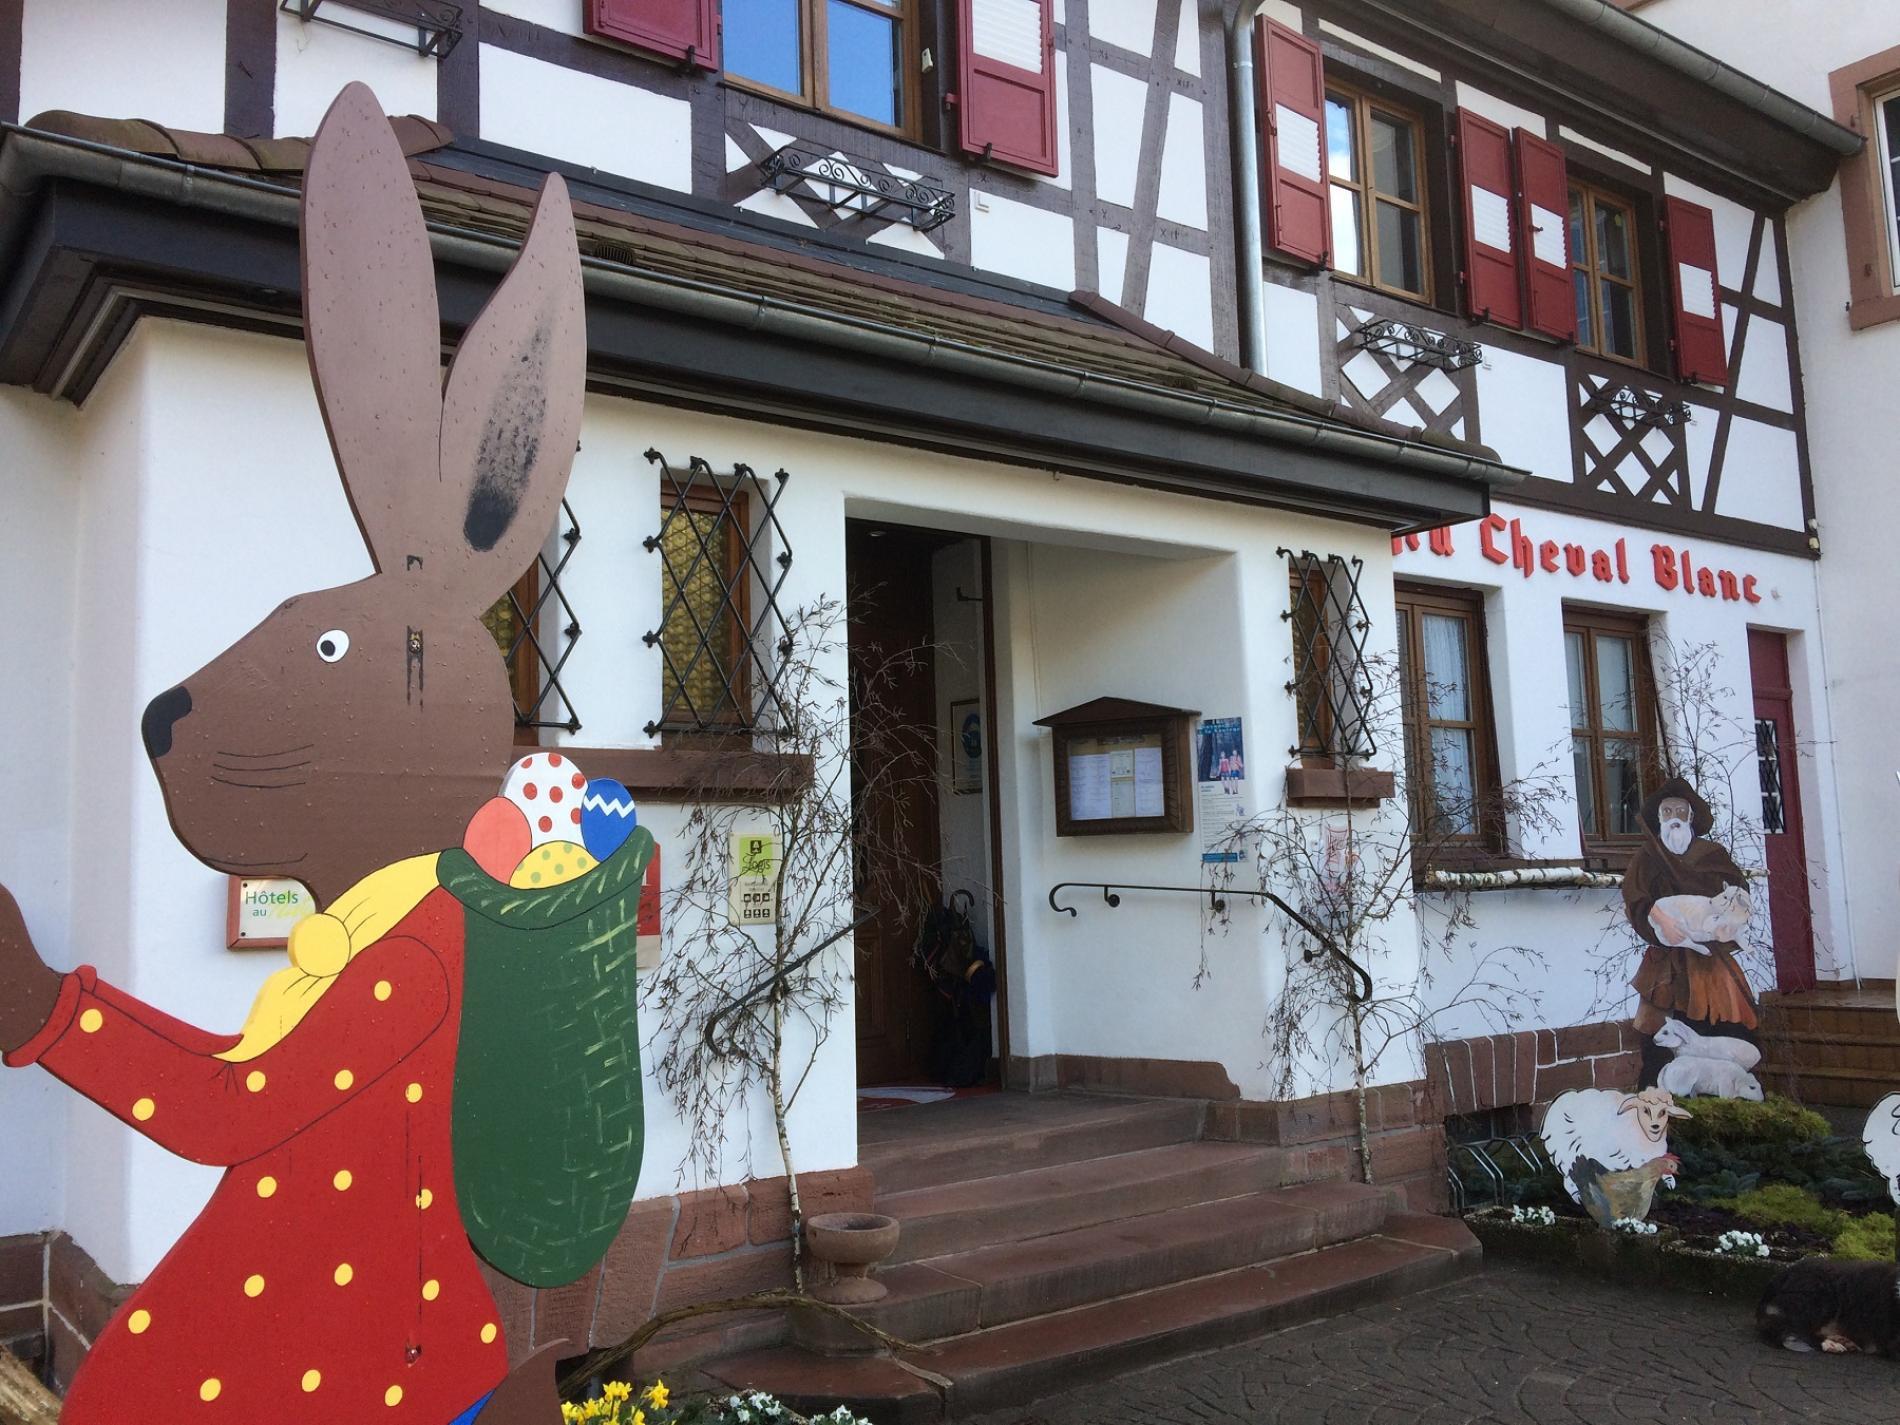 Décoration de Pâques au Cheval Blanc à Niedersteinbach